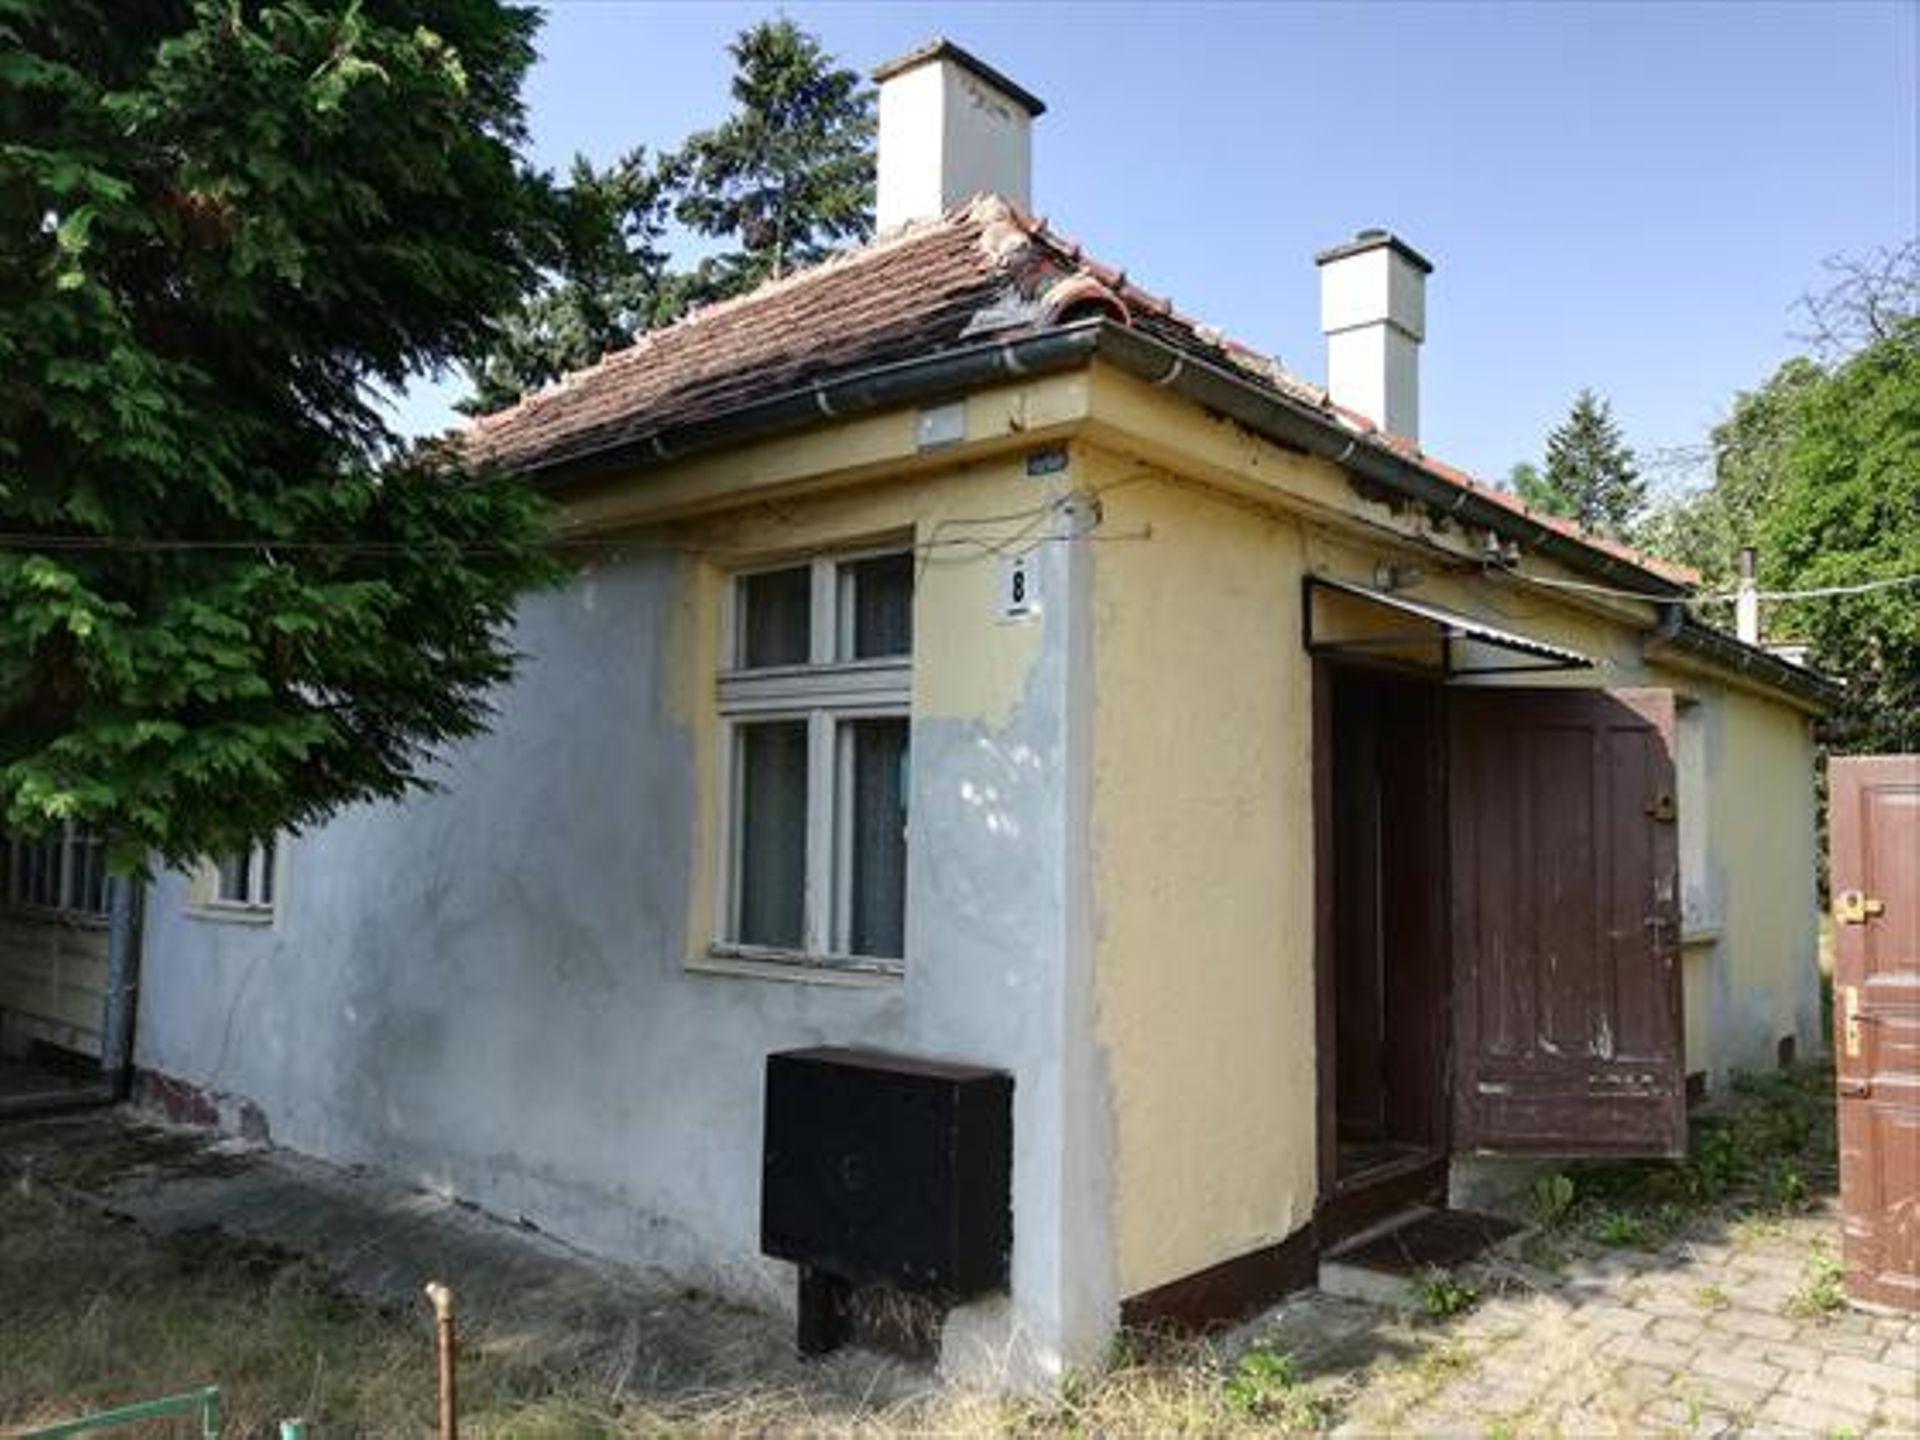 Wrocław: Siedmiu chętnych i prawie siedem milionów złotych. Zniszczony dom na Wielkiej Wyspie sprzedany